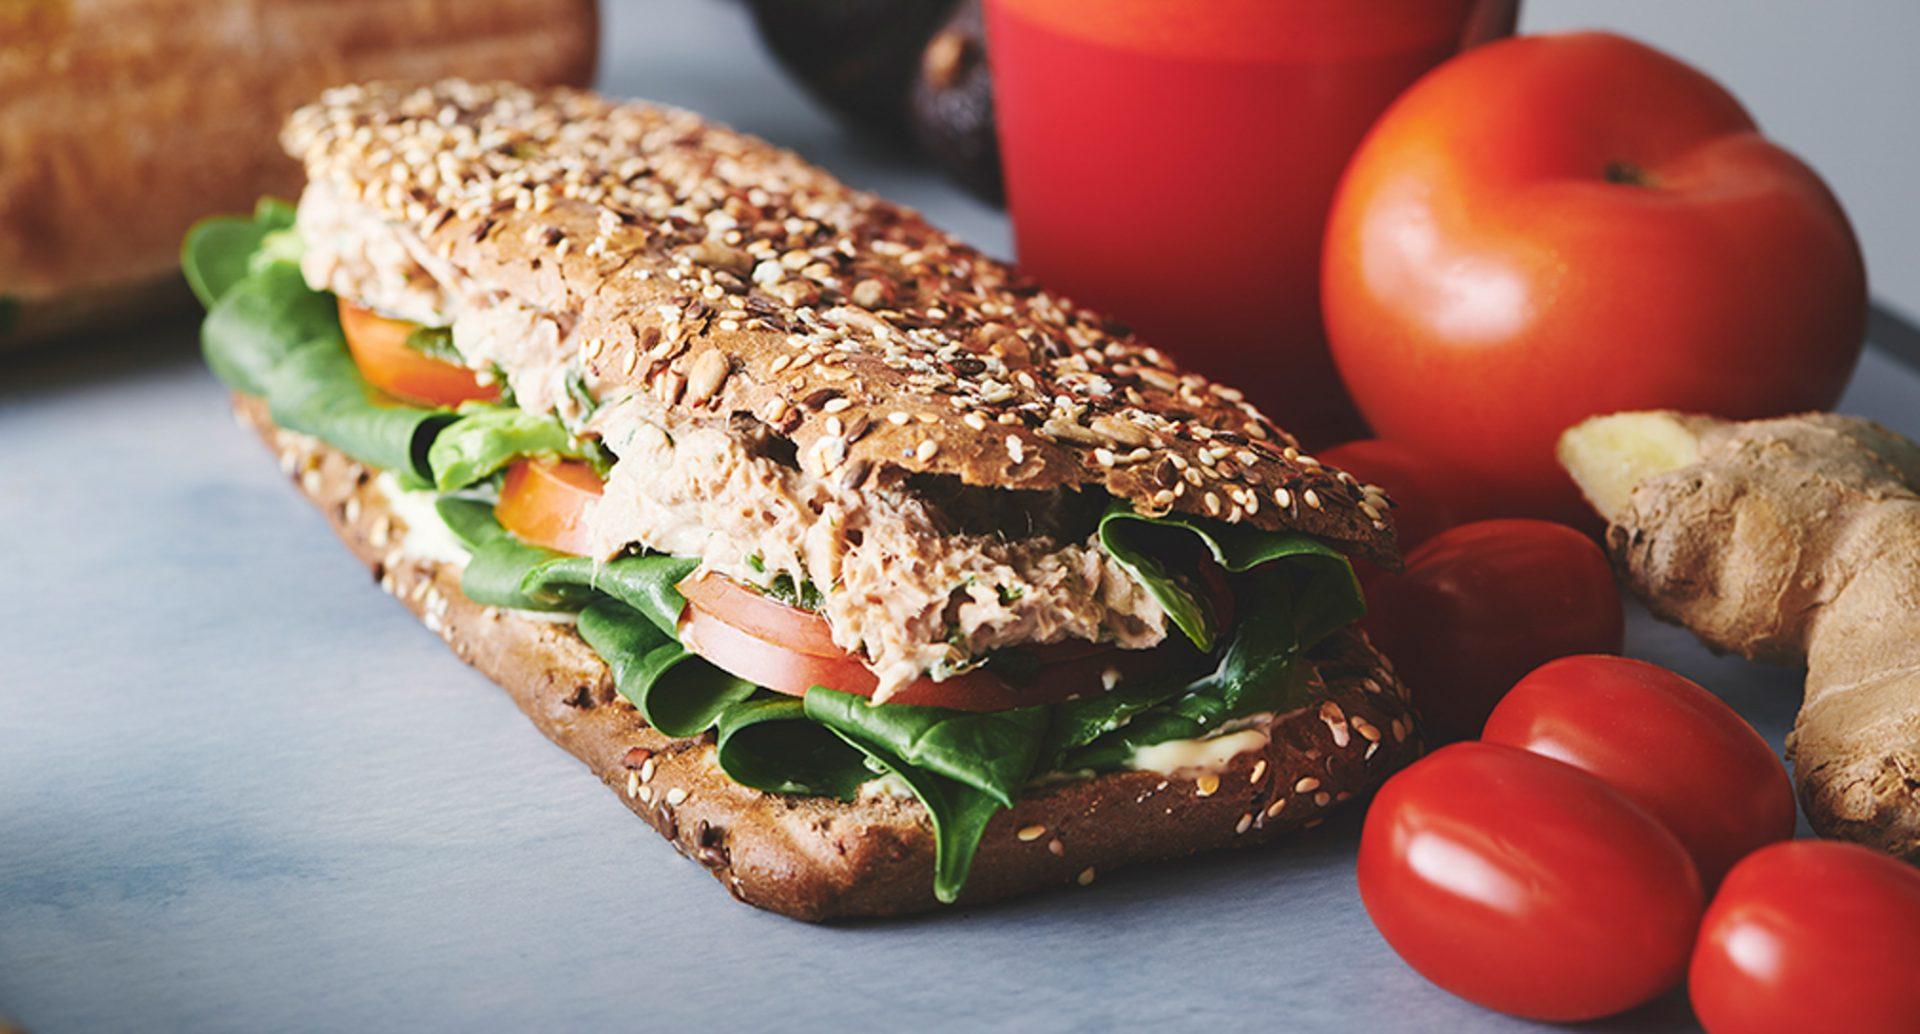 Alunt på Aarhus Ø: Ny sandwich-, salat- og juicebar vil lave god, sund mad